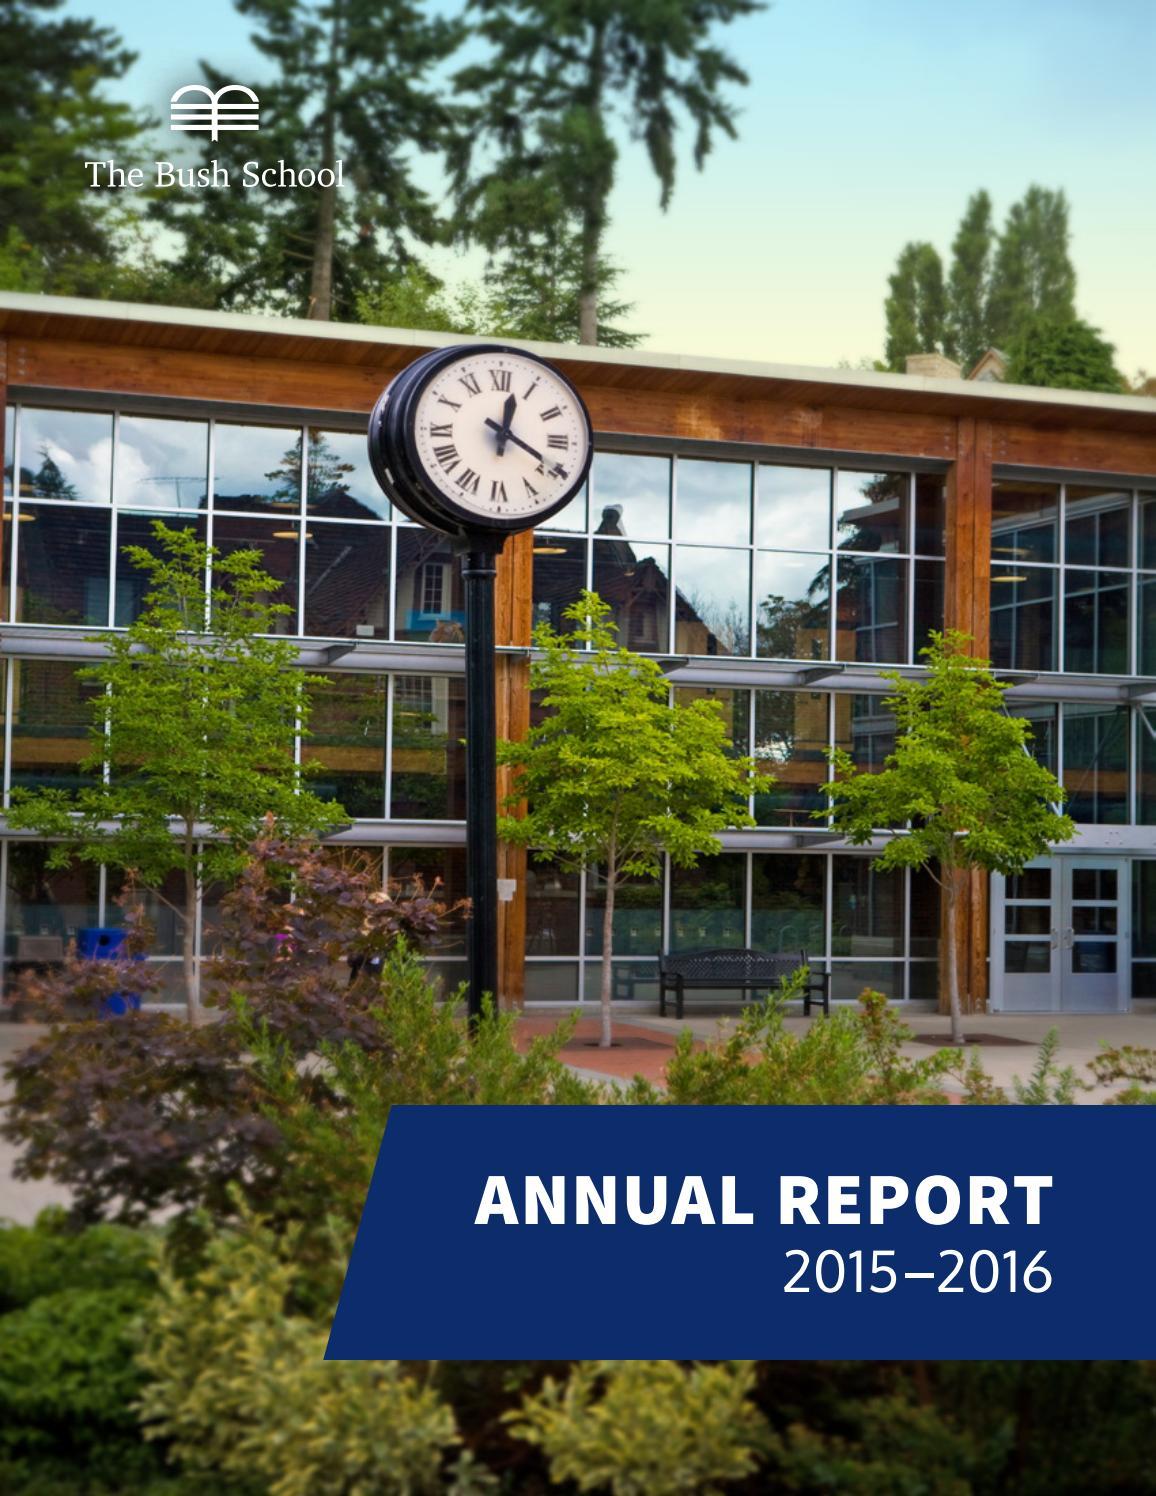 foto de The Bush School Annual Report 2015 2016 by The Bush School